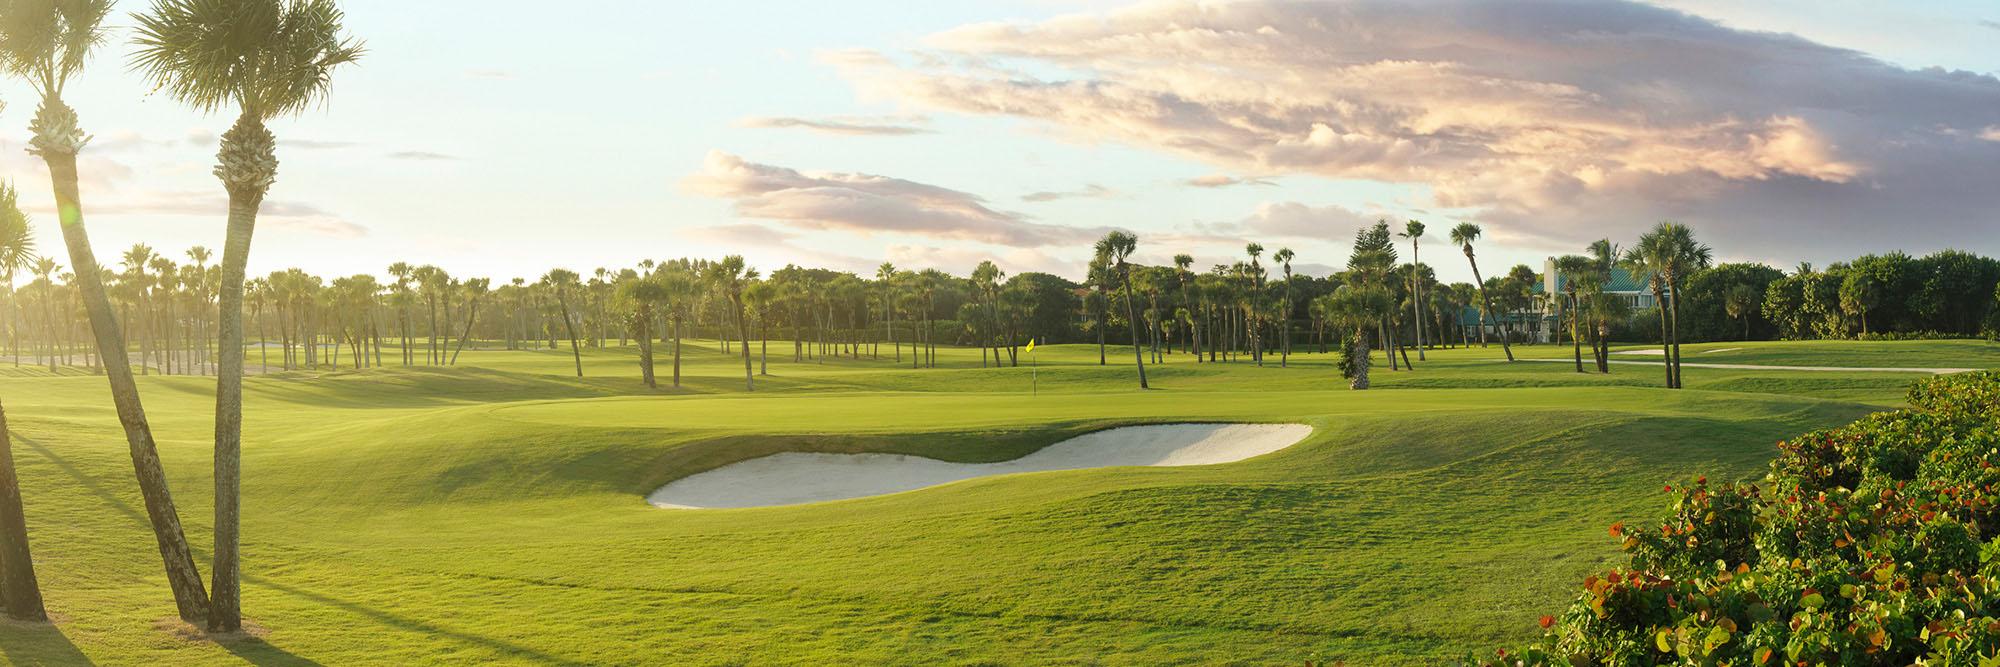 Golf Course Image - Riomar No. 3